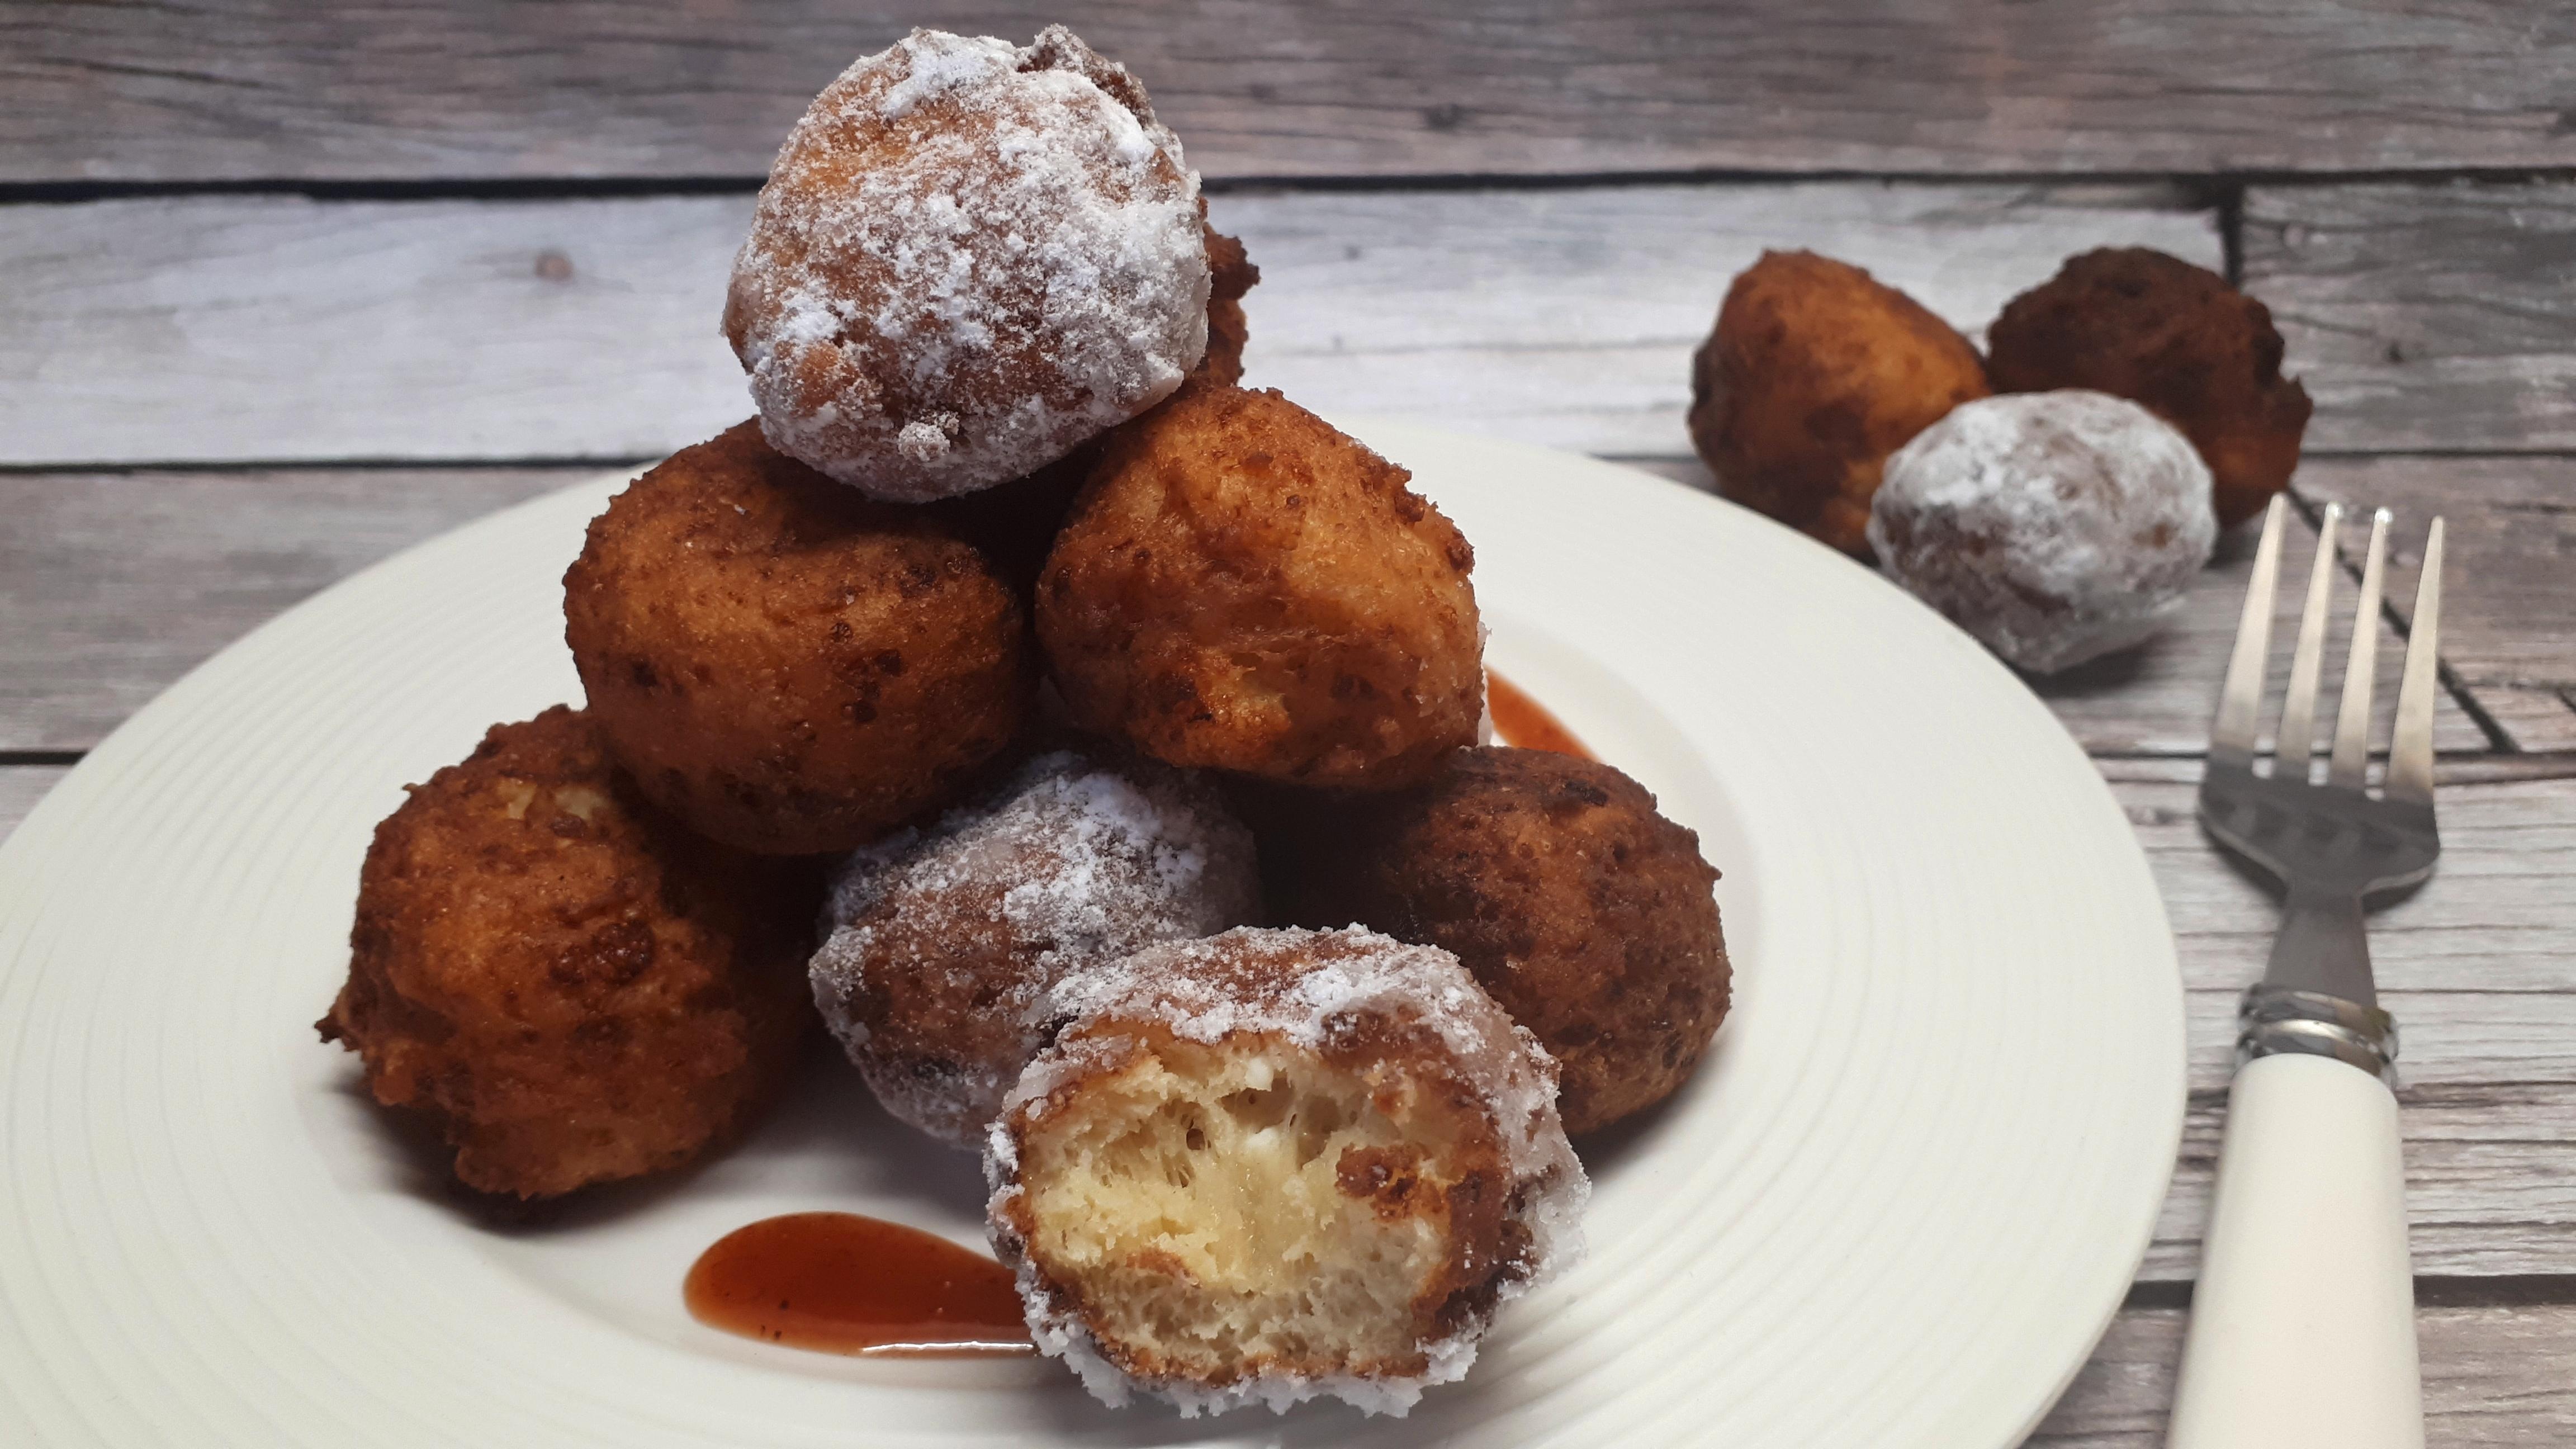 Kókuszolajban sült diétás túrófánk készítése cukor nélkül, Dia Wellness szénhidrátcsökkentett lisztből